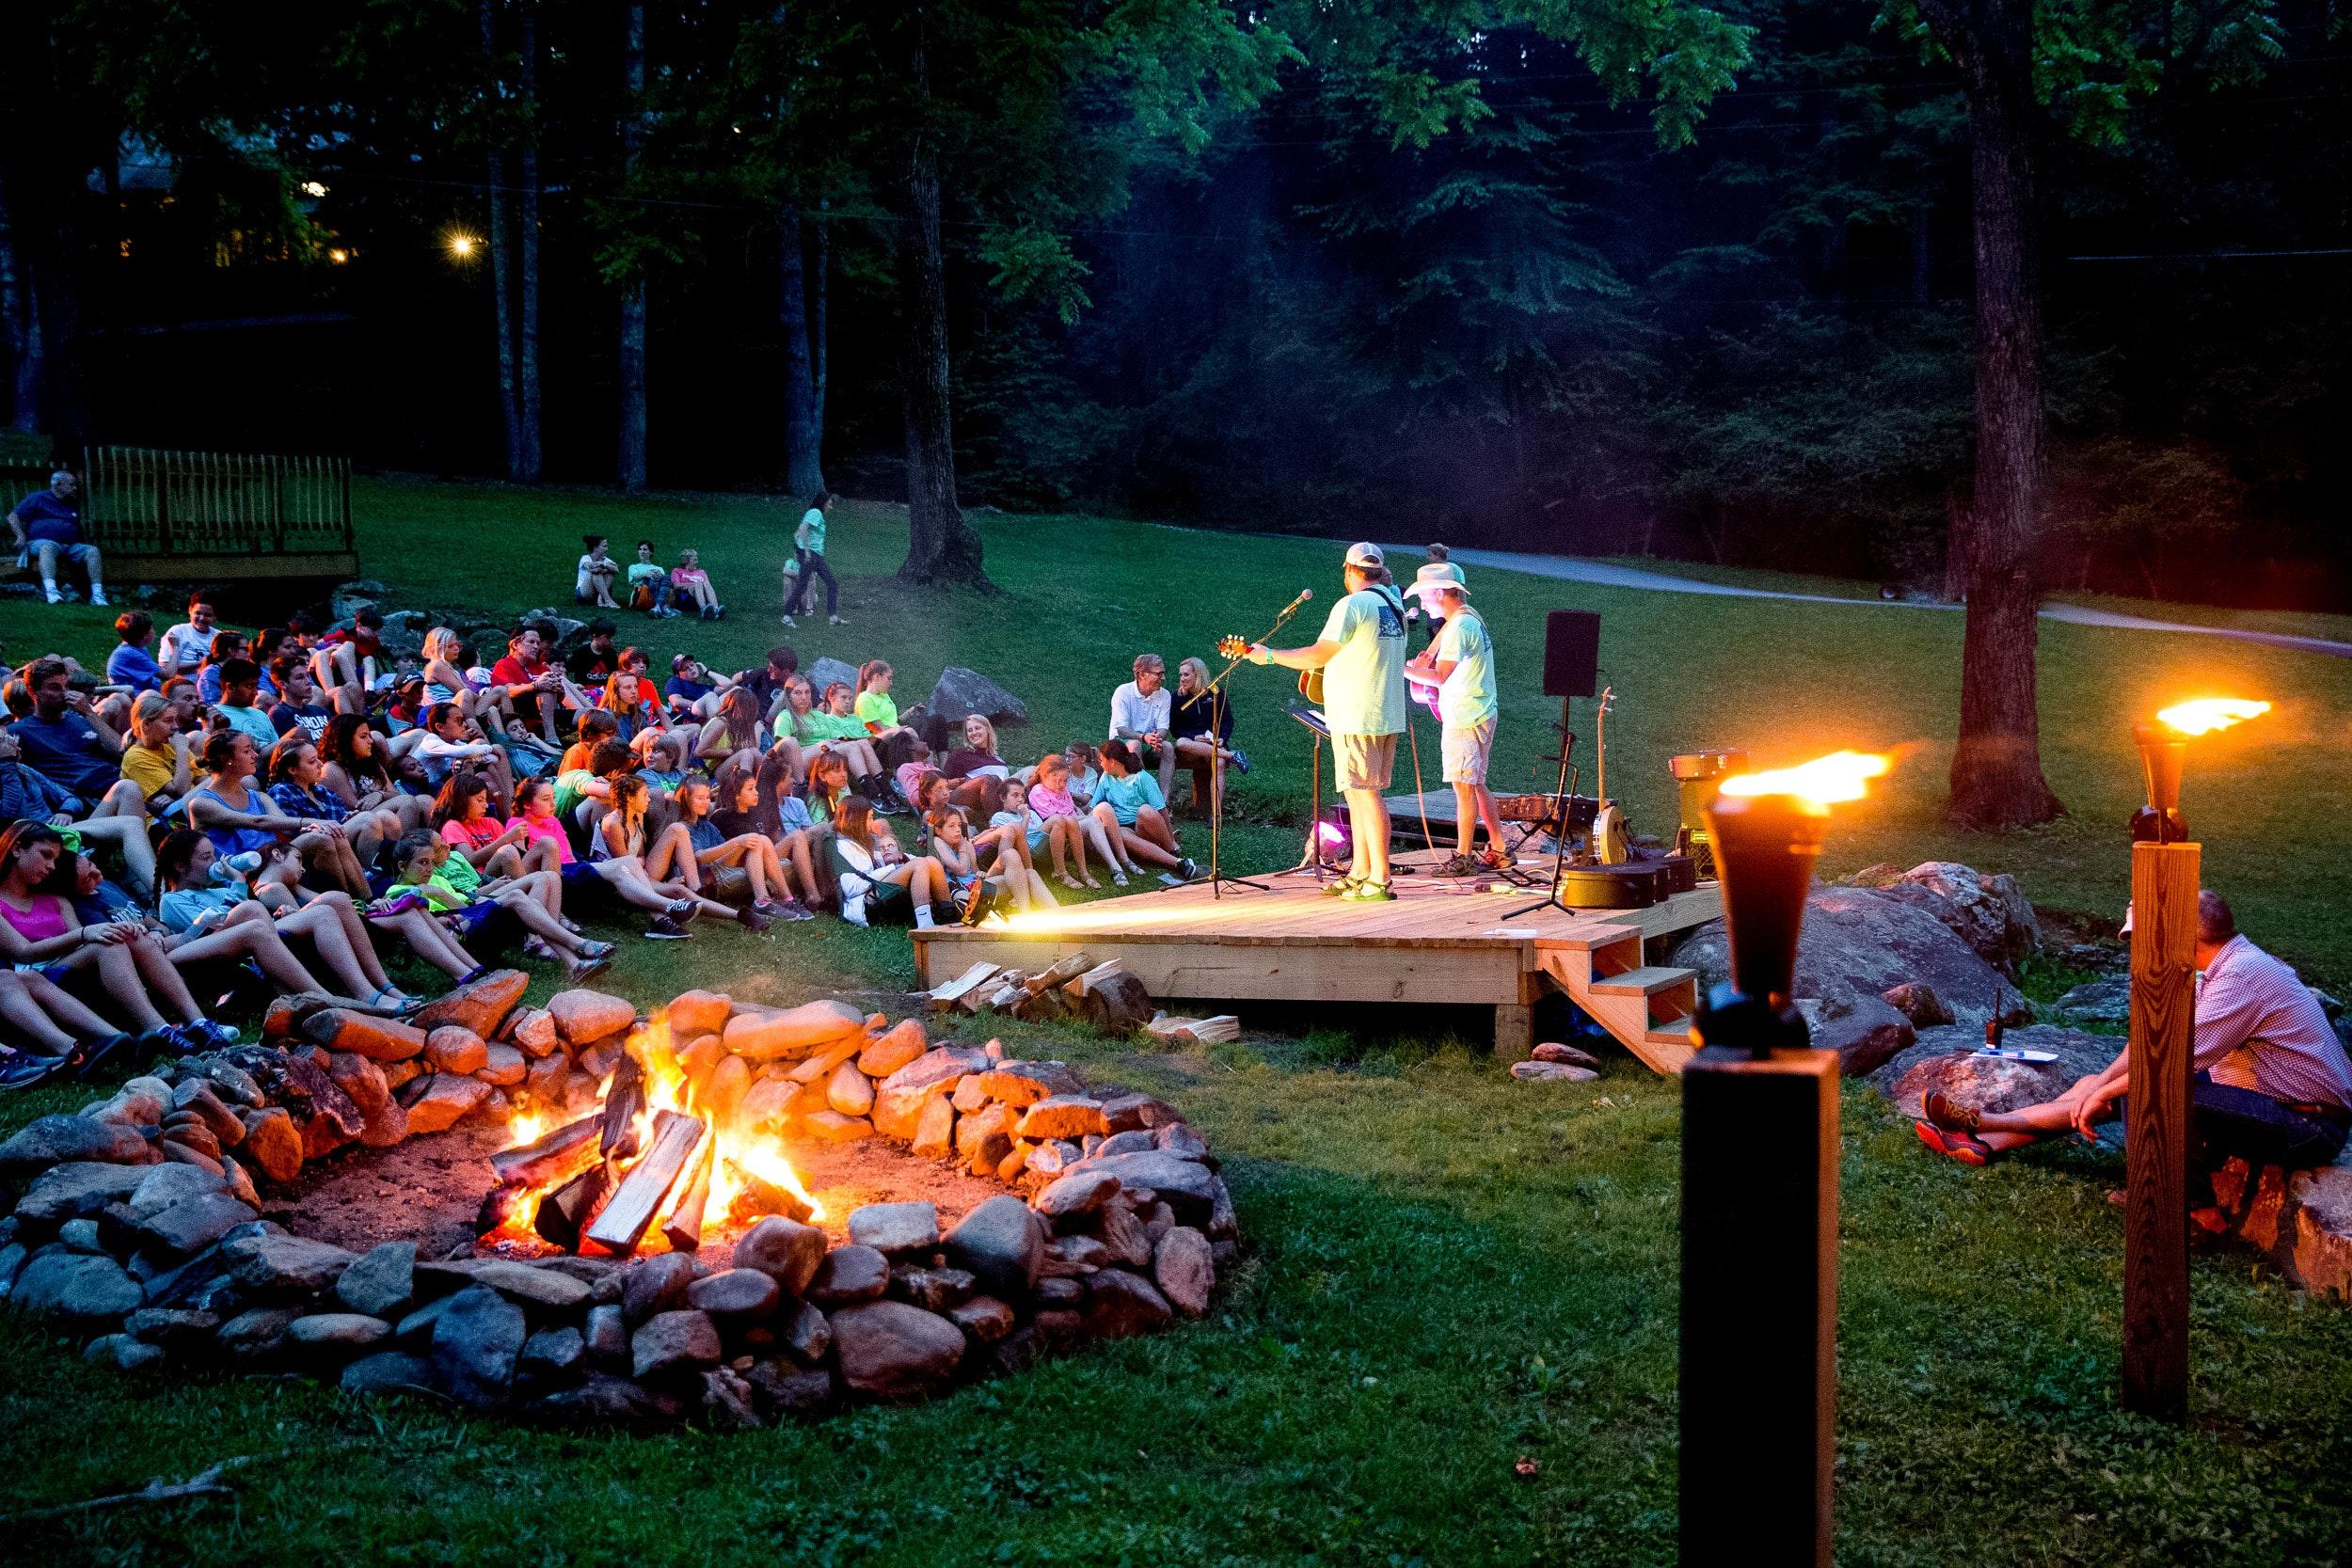 Sessions at highlander coed summer camp in north carolina.jpg?ixlib=rails 2.1